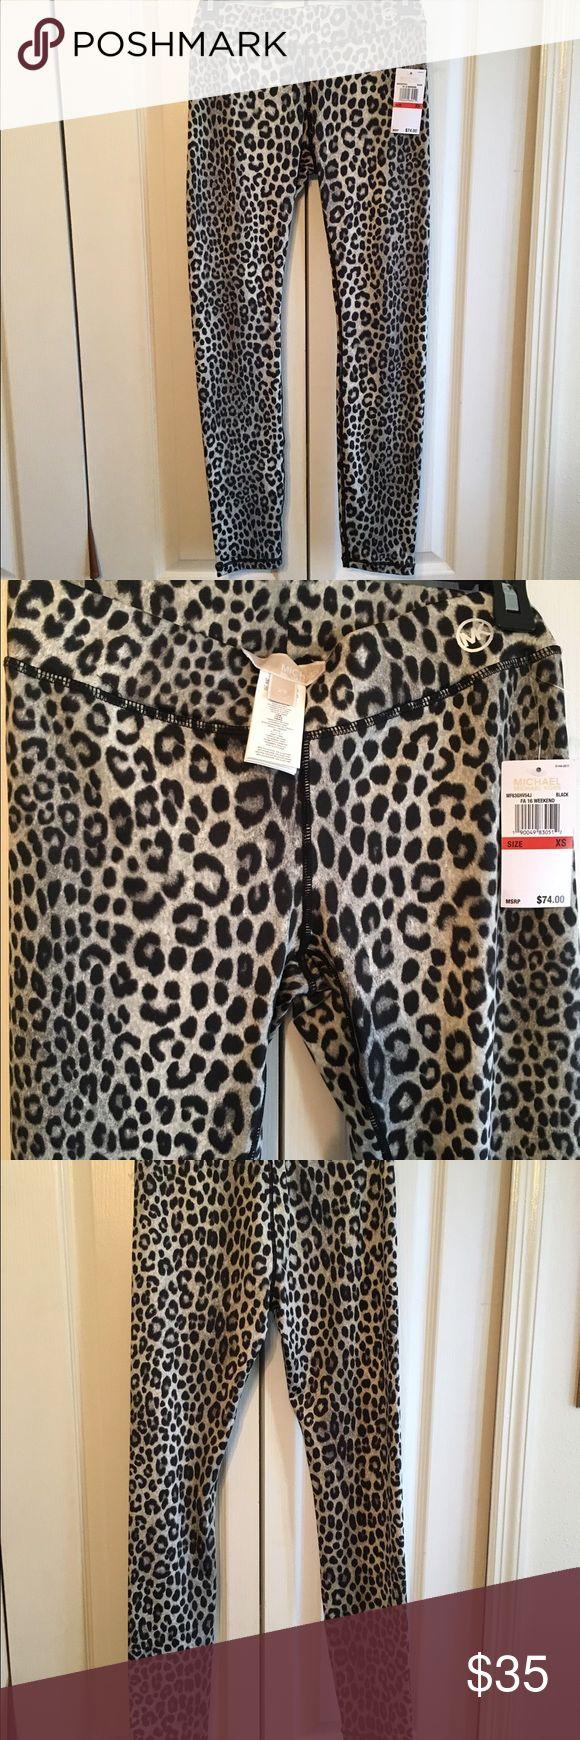 Michael Kors Ladies XS Leggings NWT NWT MK Ladies Leggings Size XS Michael Kors Pants Leggings